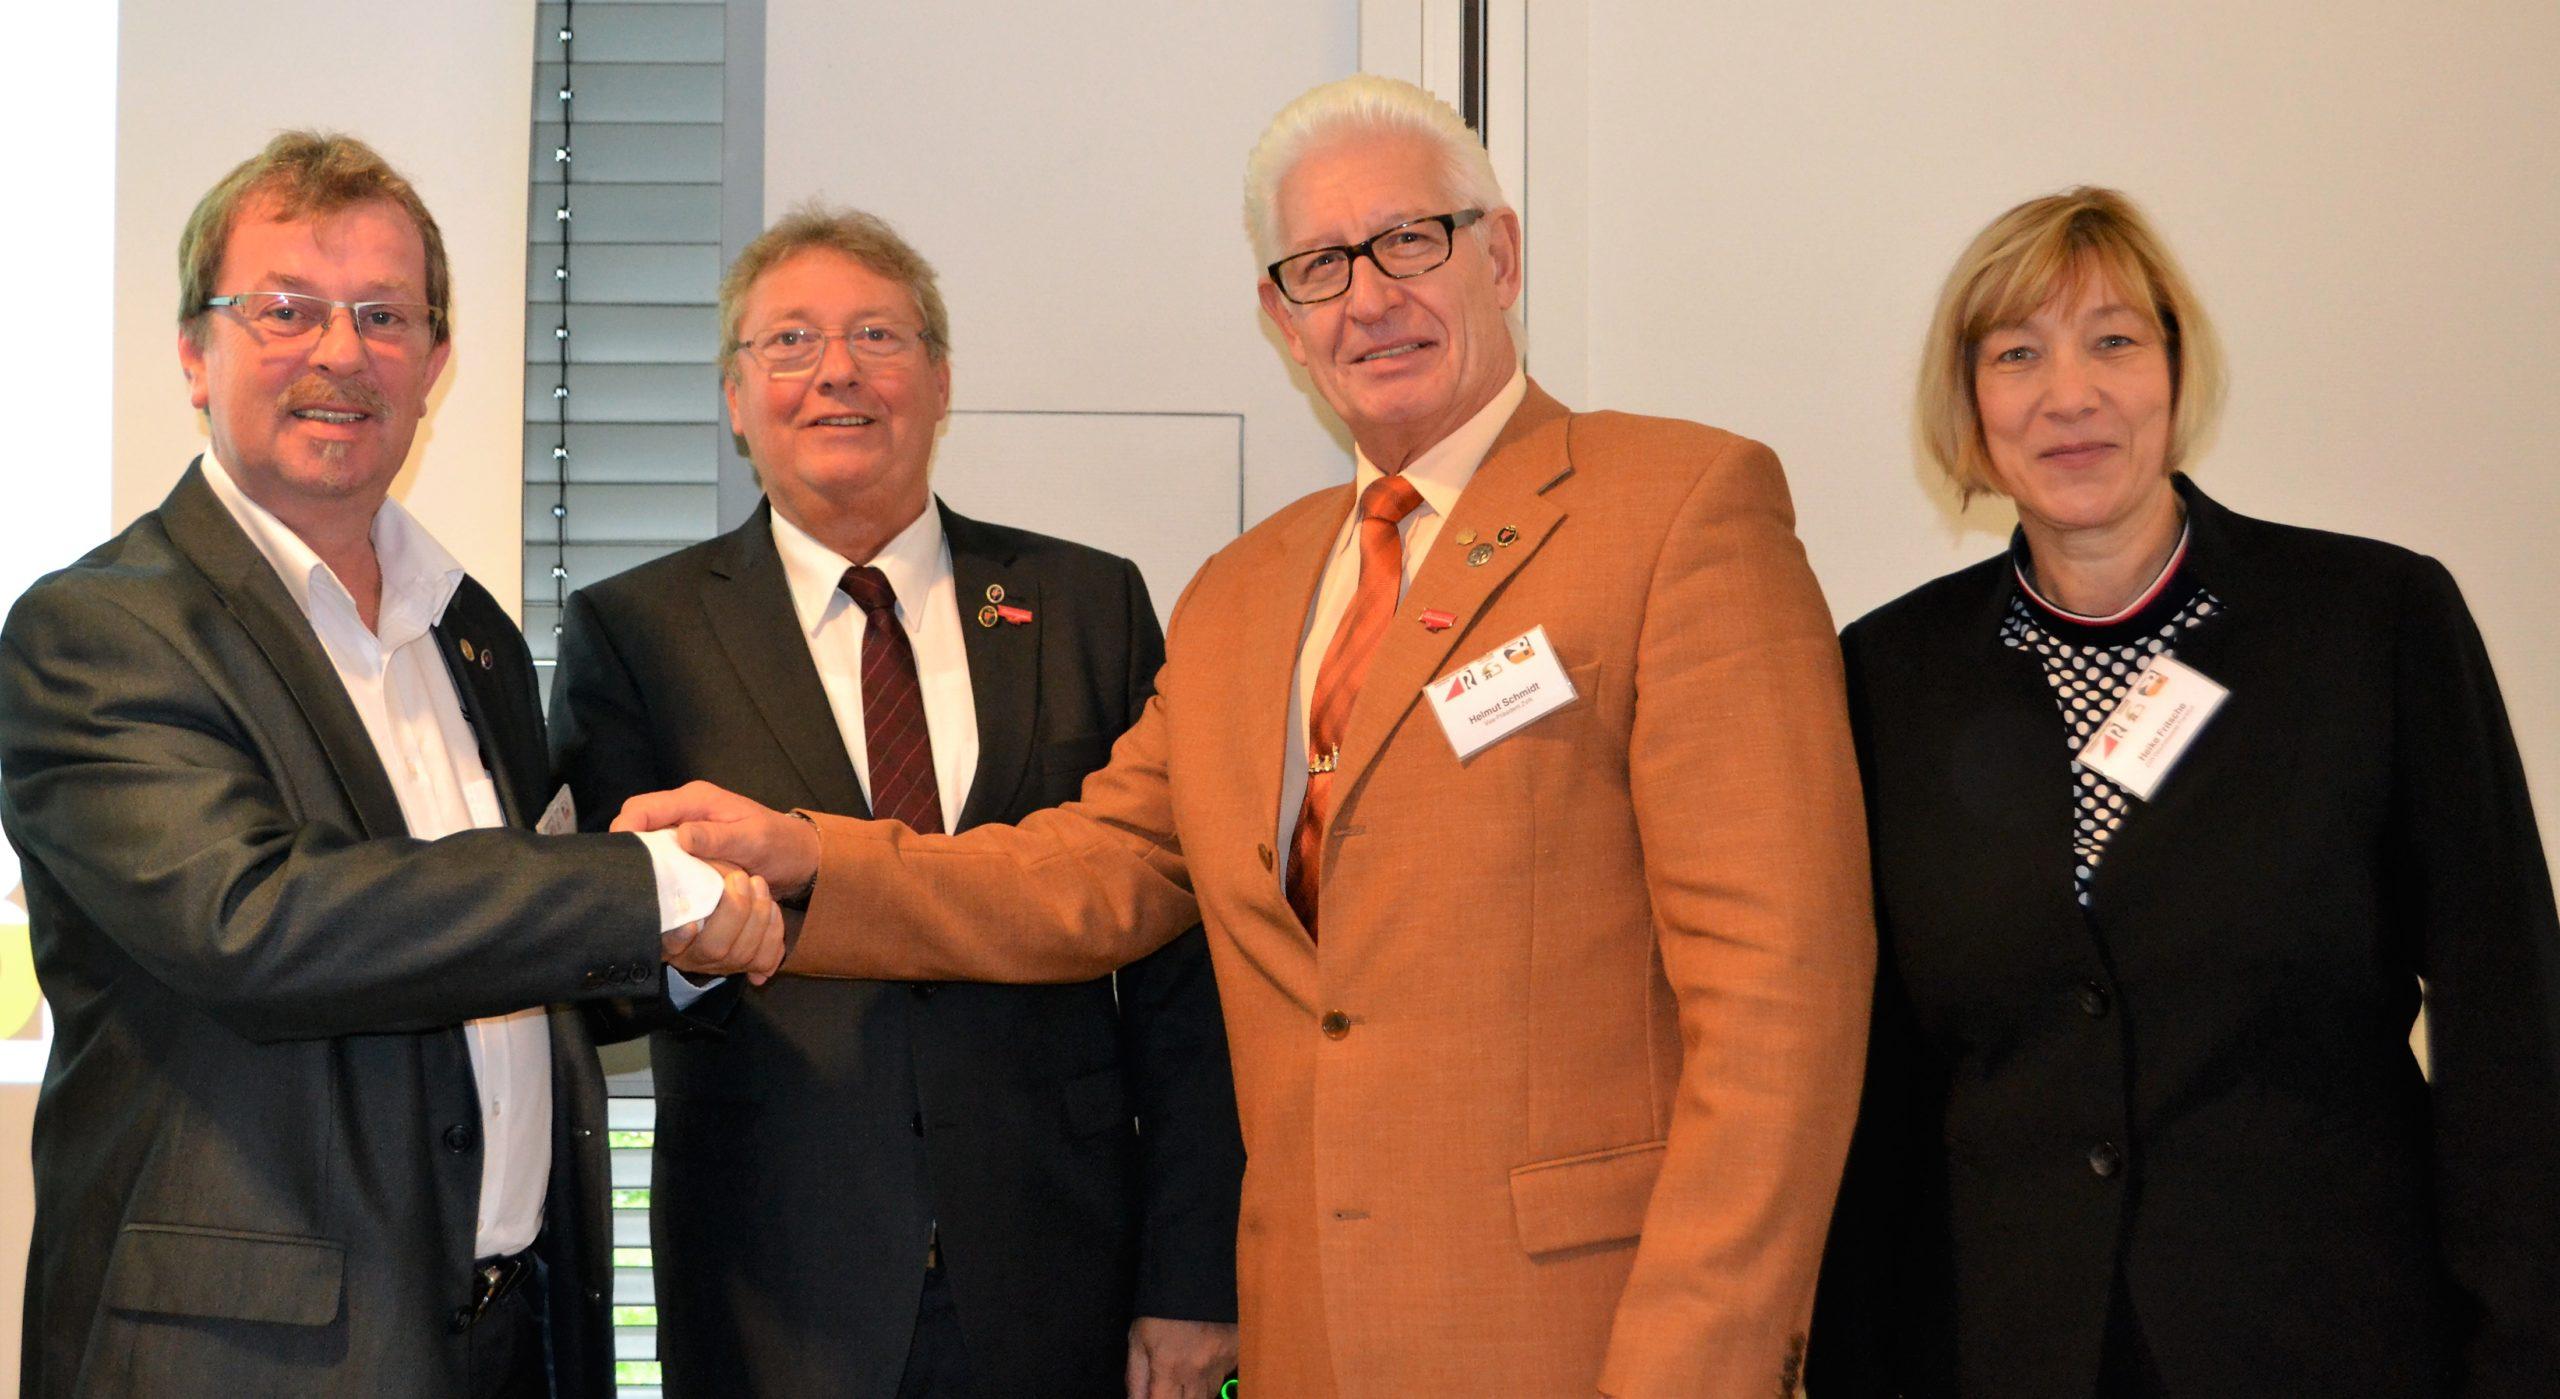 Die neue Leitung des ZVR: (v.l.n.r.) Vizepräsident Peter-Hermann Todt, Präsident Harald Gerjets, Vizepräsident Helmut Schmidt und Geschäftsführerin Heike Fritsche